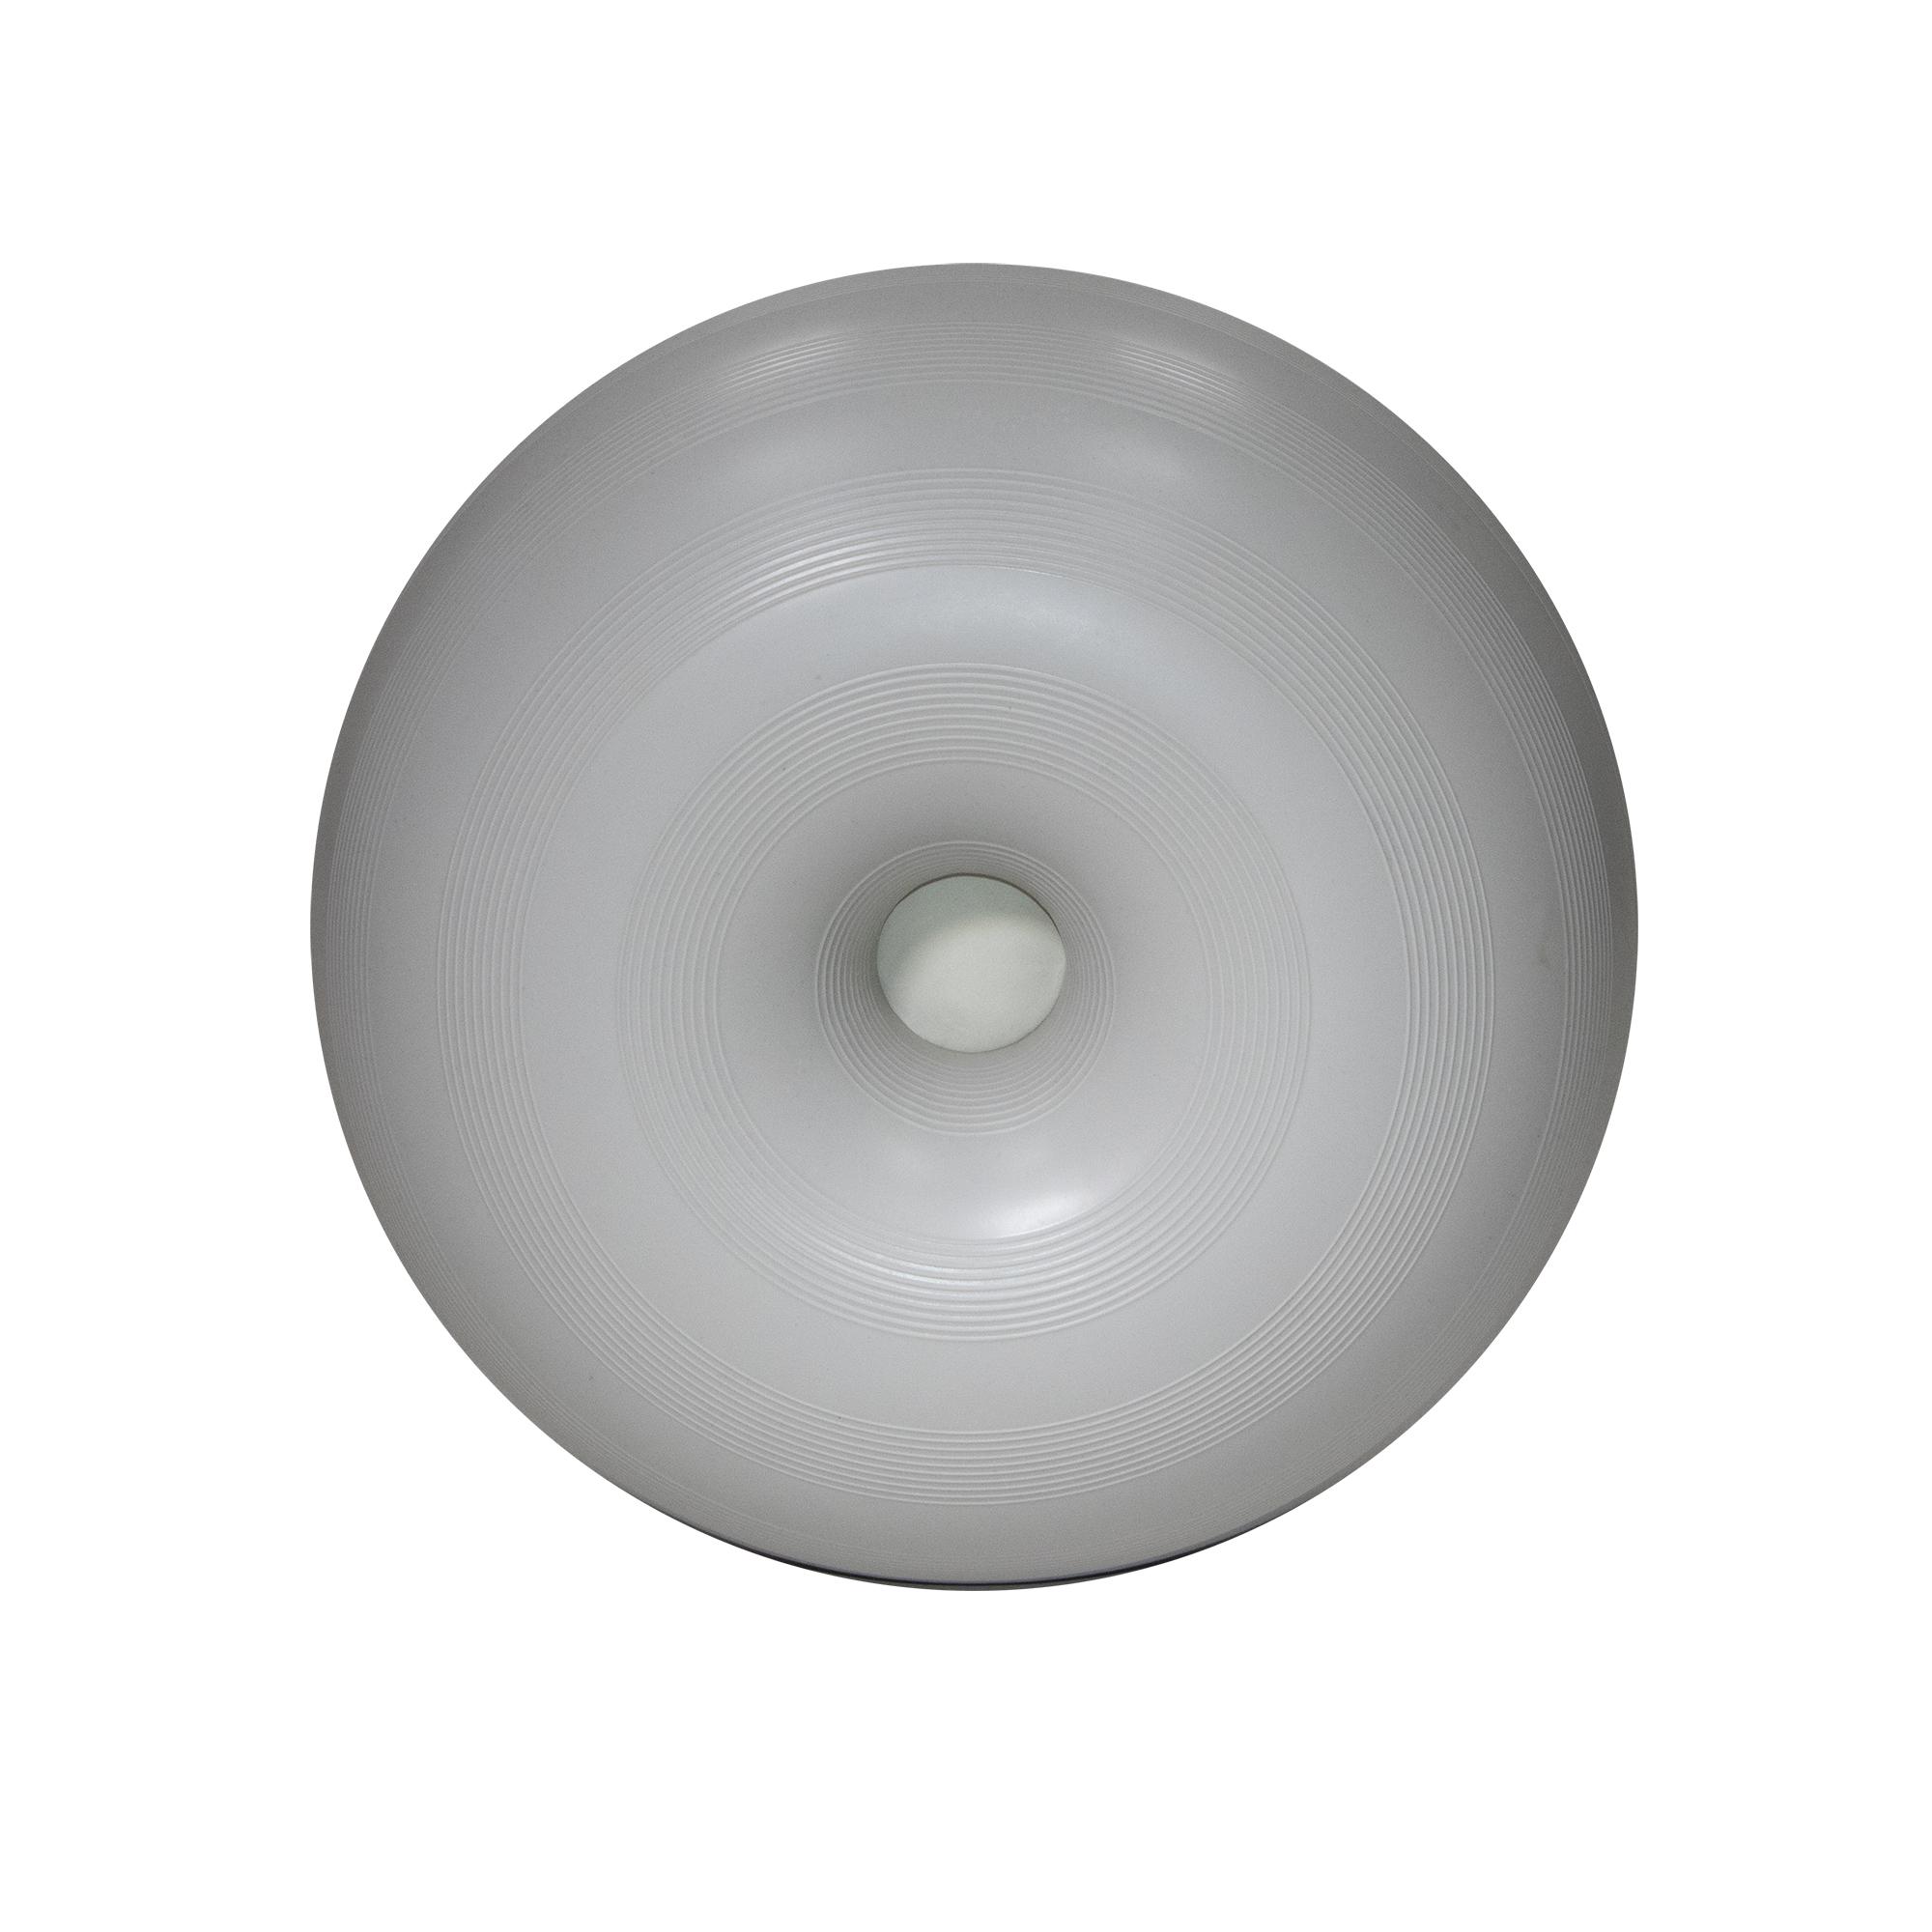 Billede af bObles donut, grå